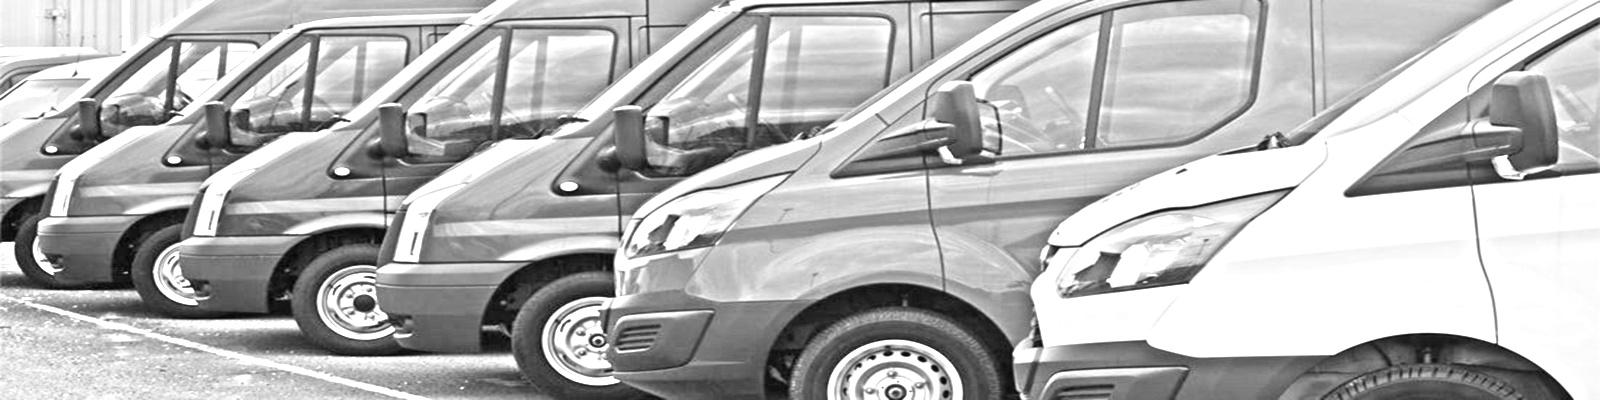 Доставка вантажів мікроавтобусом.